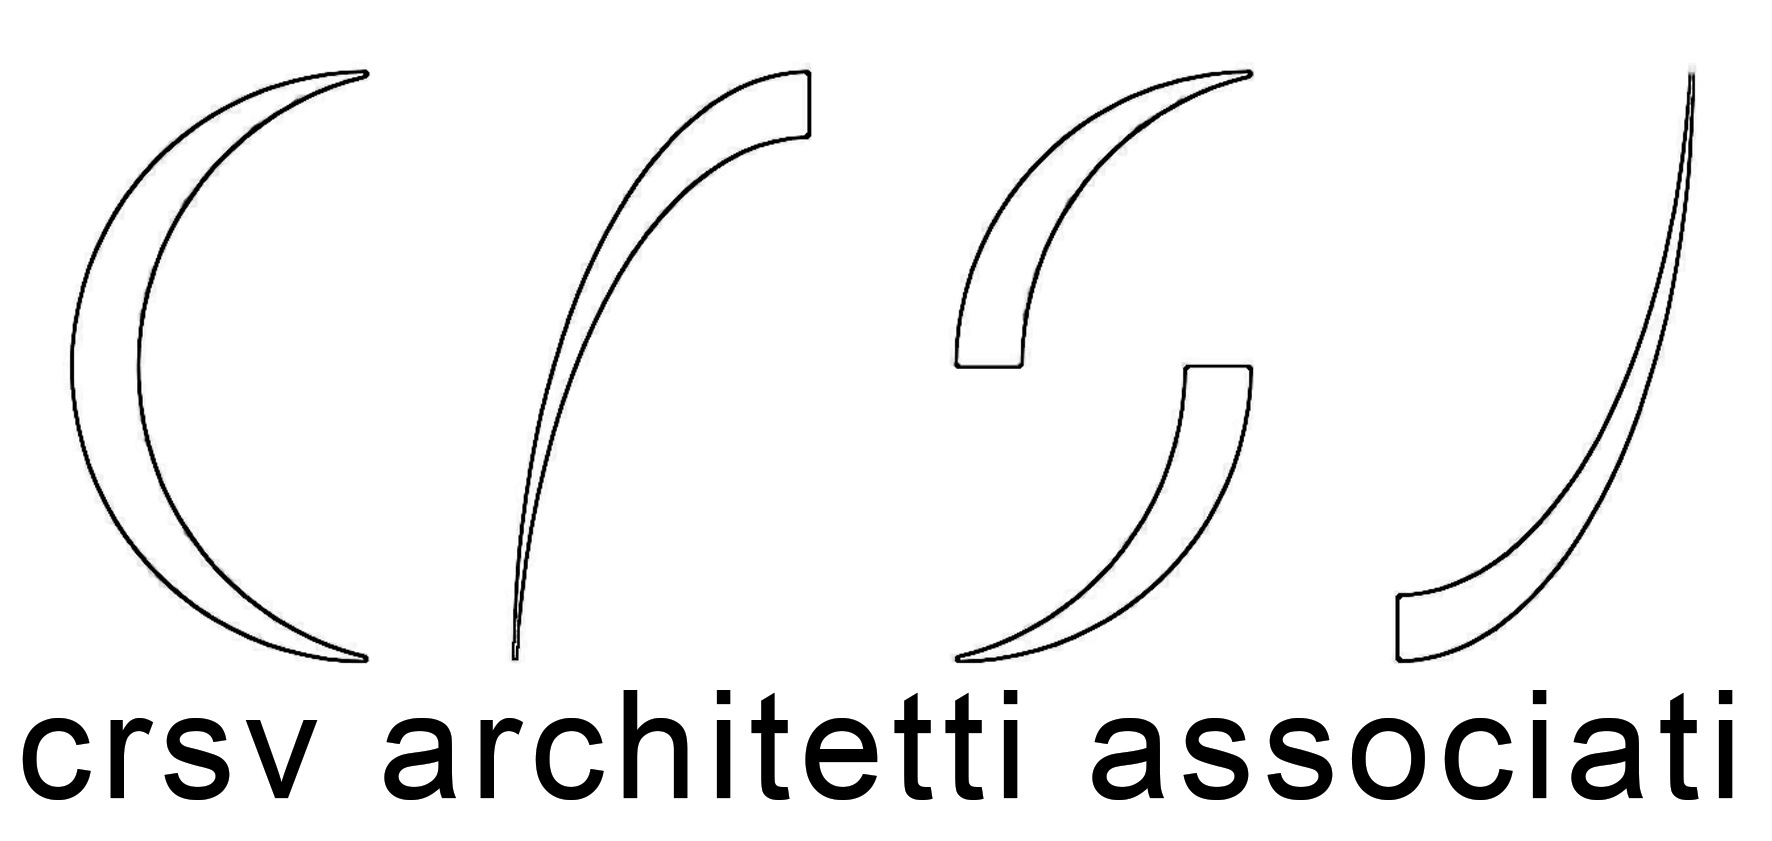 crsv architetti associati chirdo ridolfi sorrentino